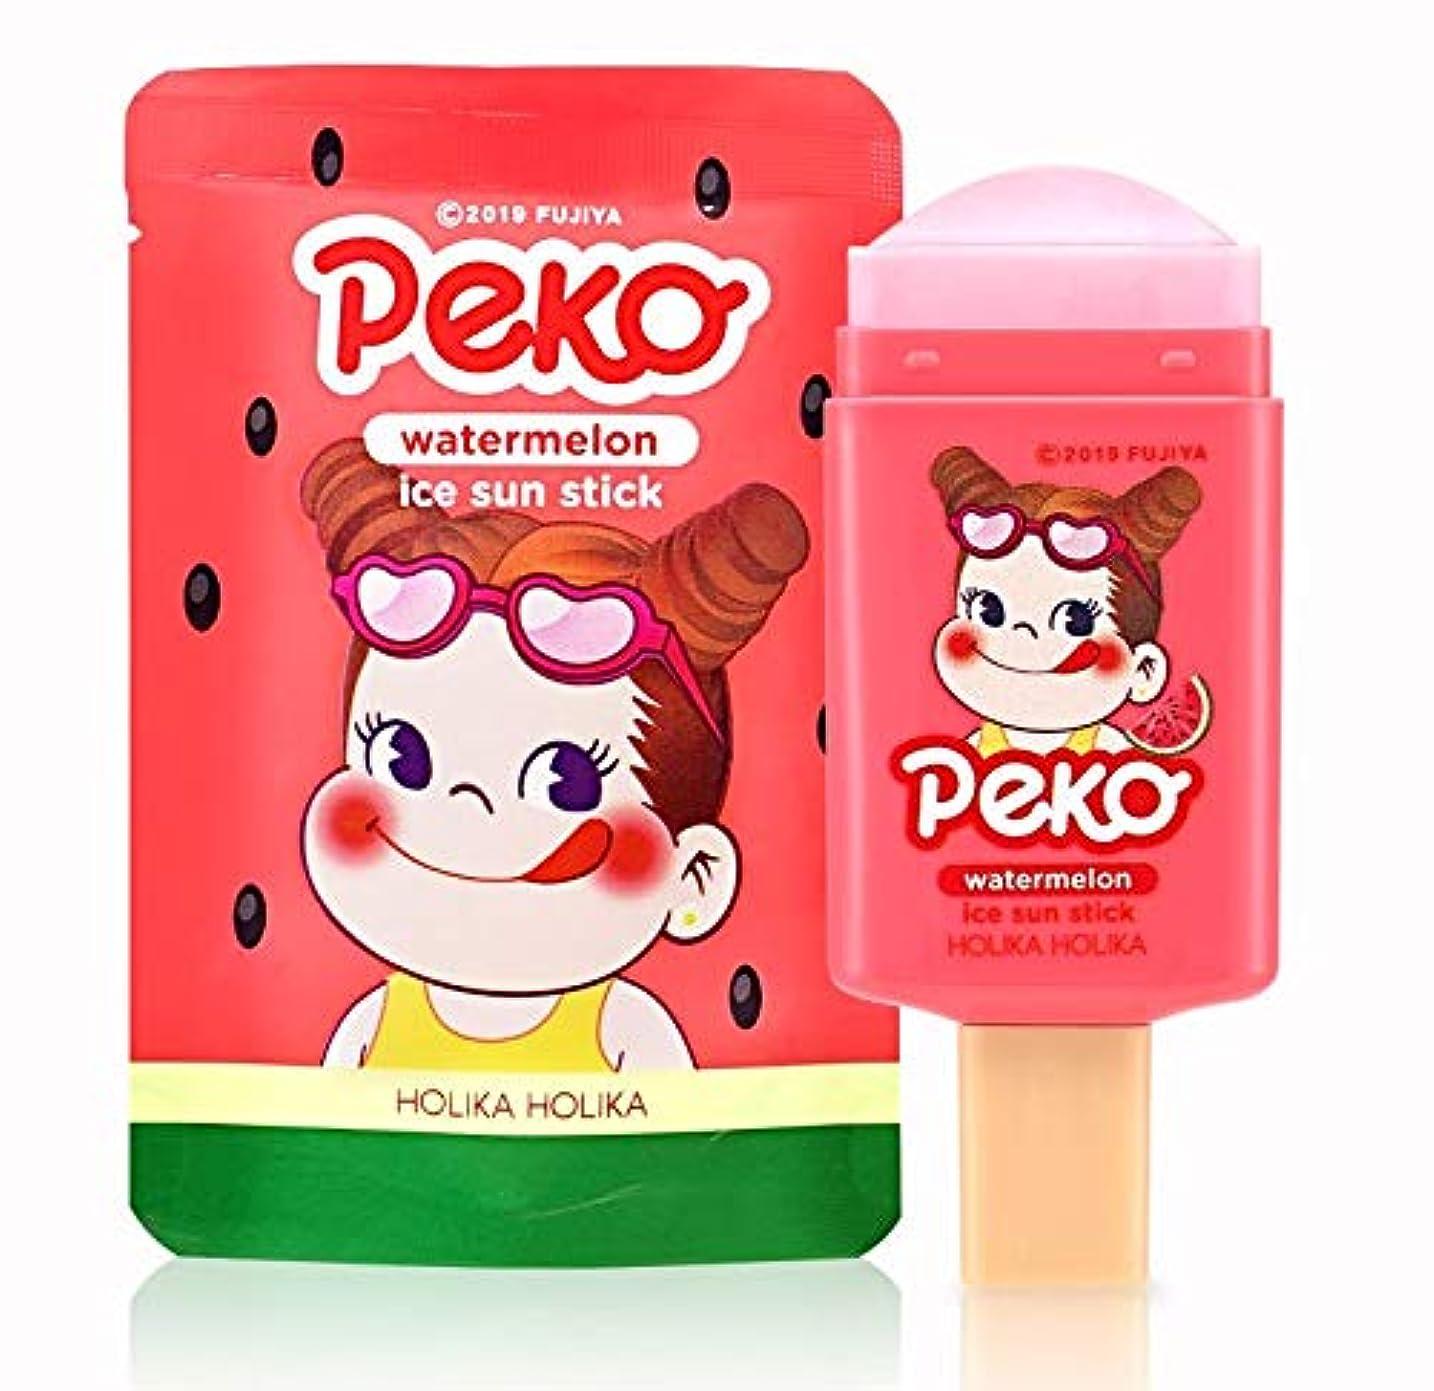 圧力チャーミング化粧ホリカホリカ [スイートペコエディション] スイカ アイス サン スティック 14g / Holika Holika [Sweet Peko Edition] Watermellon Ice Sun Stick SPF50...